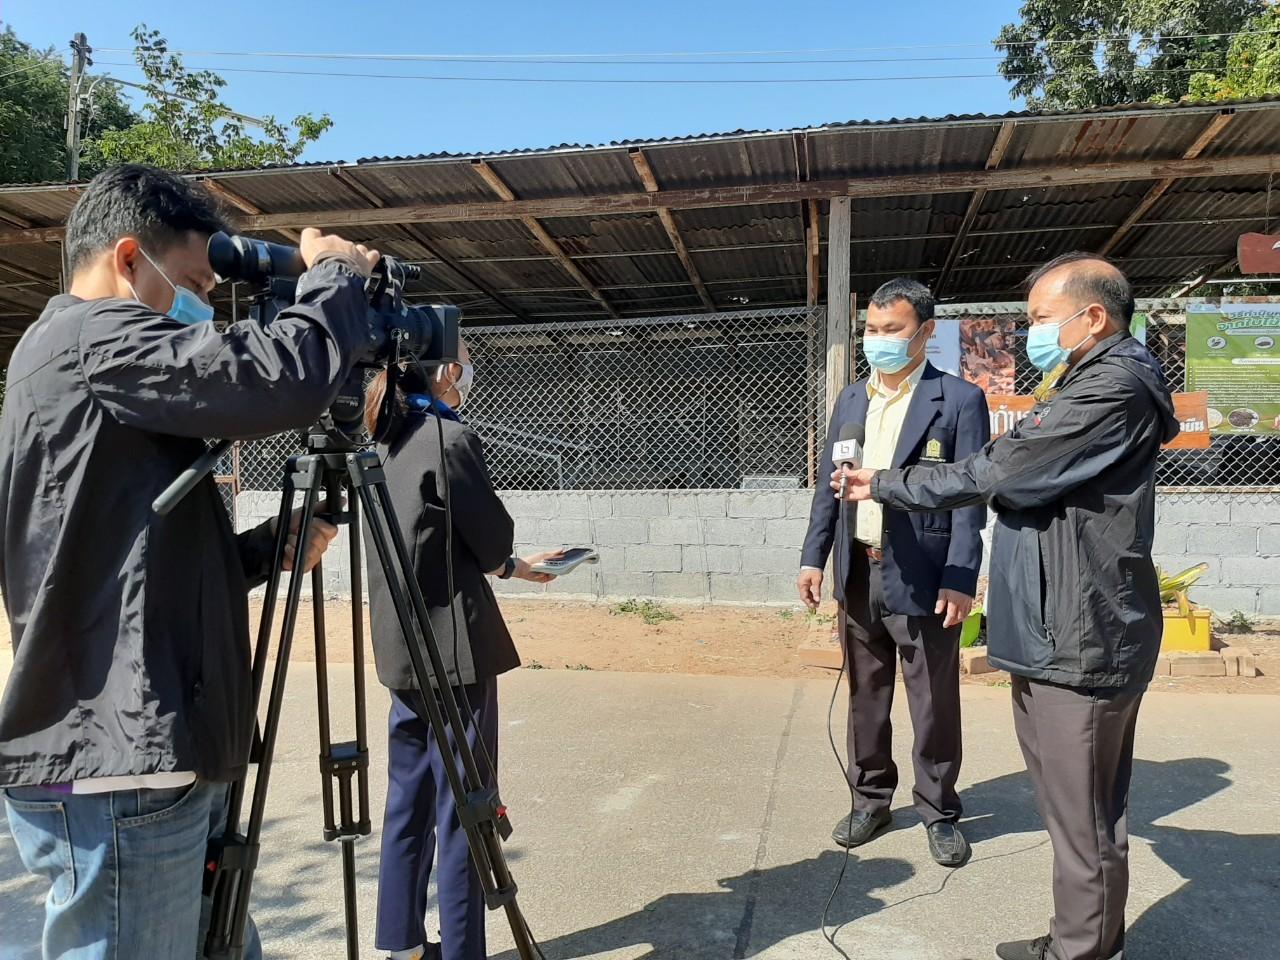 สถานีโทรทัศน์ช่อง NBT ลงพื้นที่ถ่ายทำรายการพิเศษ